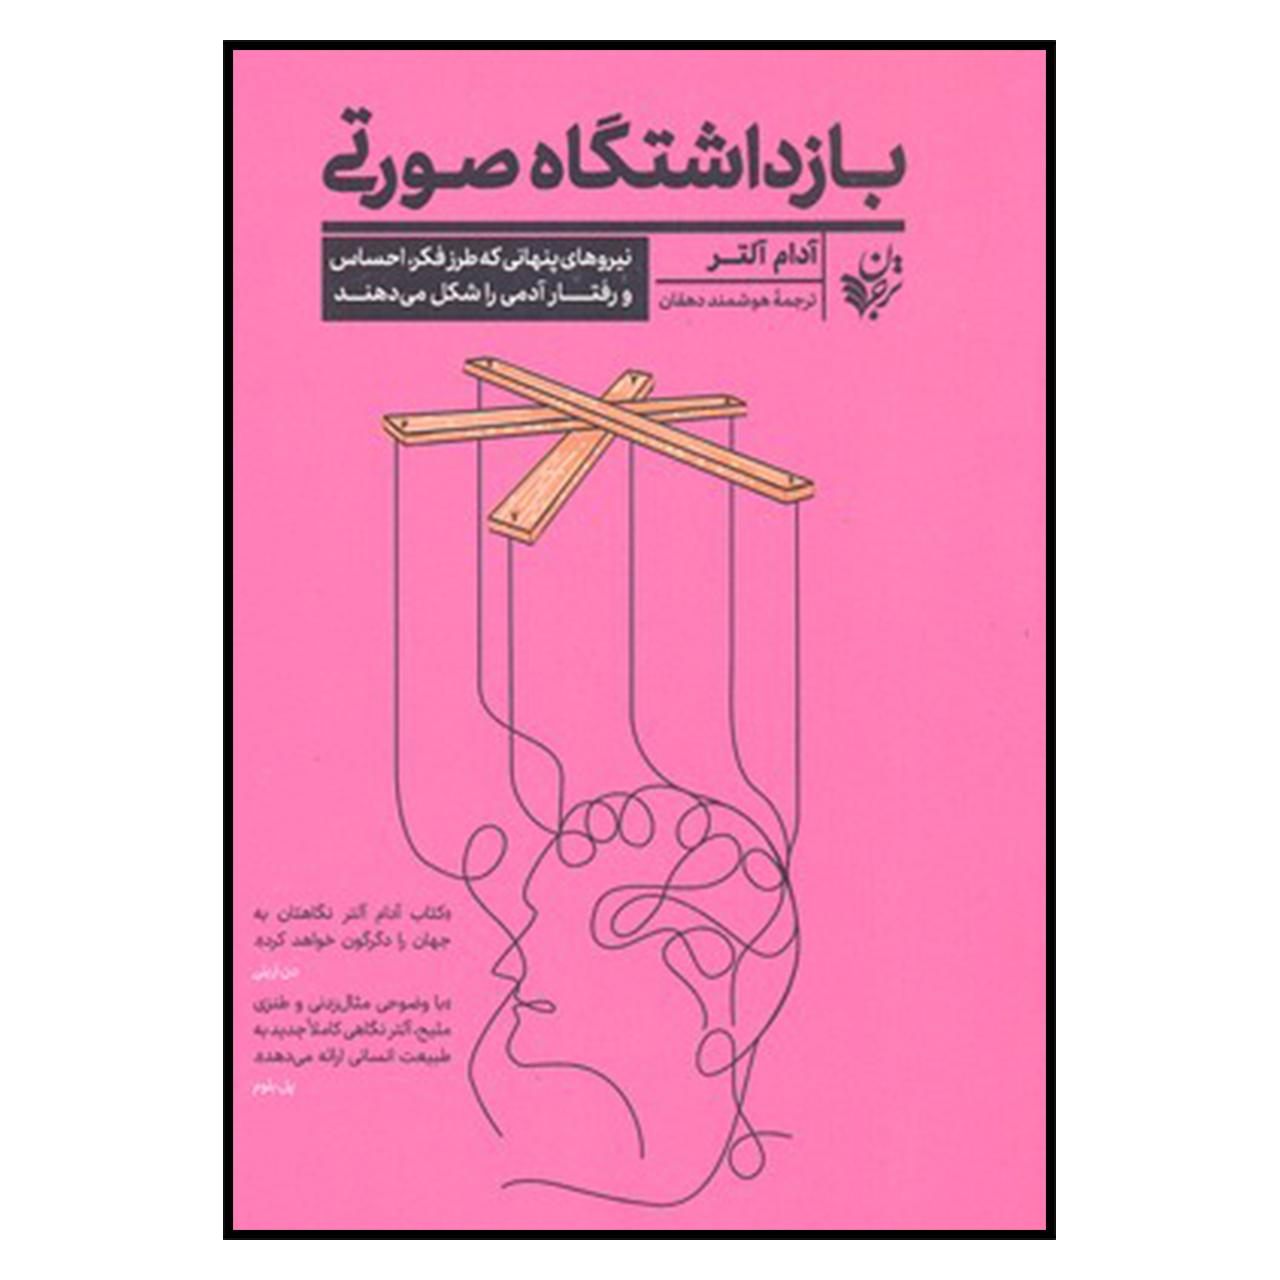 کتاب بازداشتگاه صورتی اثر آدام آلتر انتشارات ترجمان